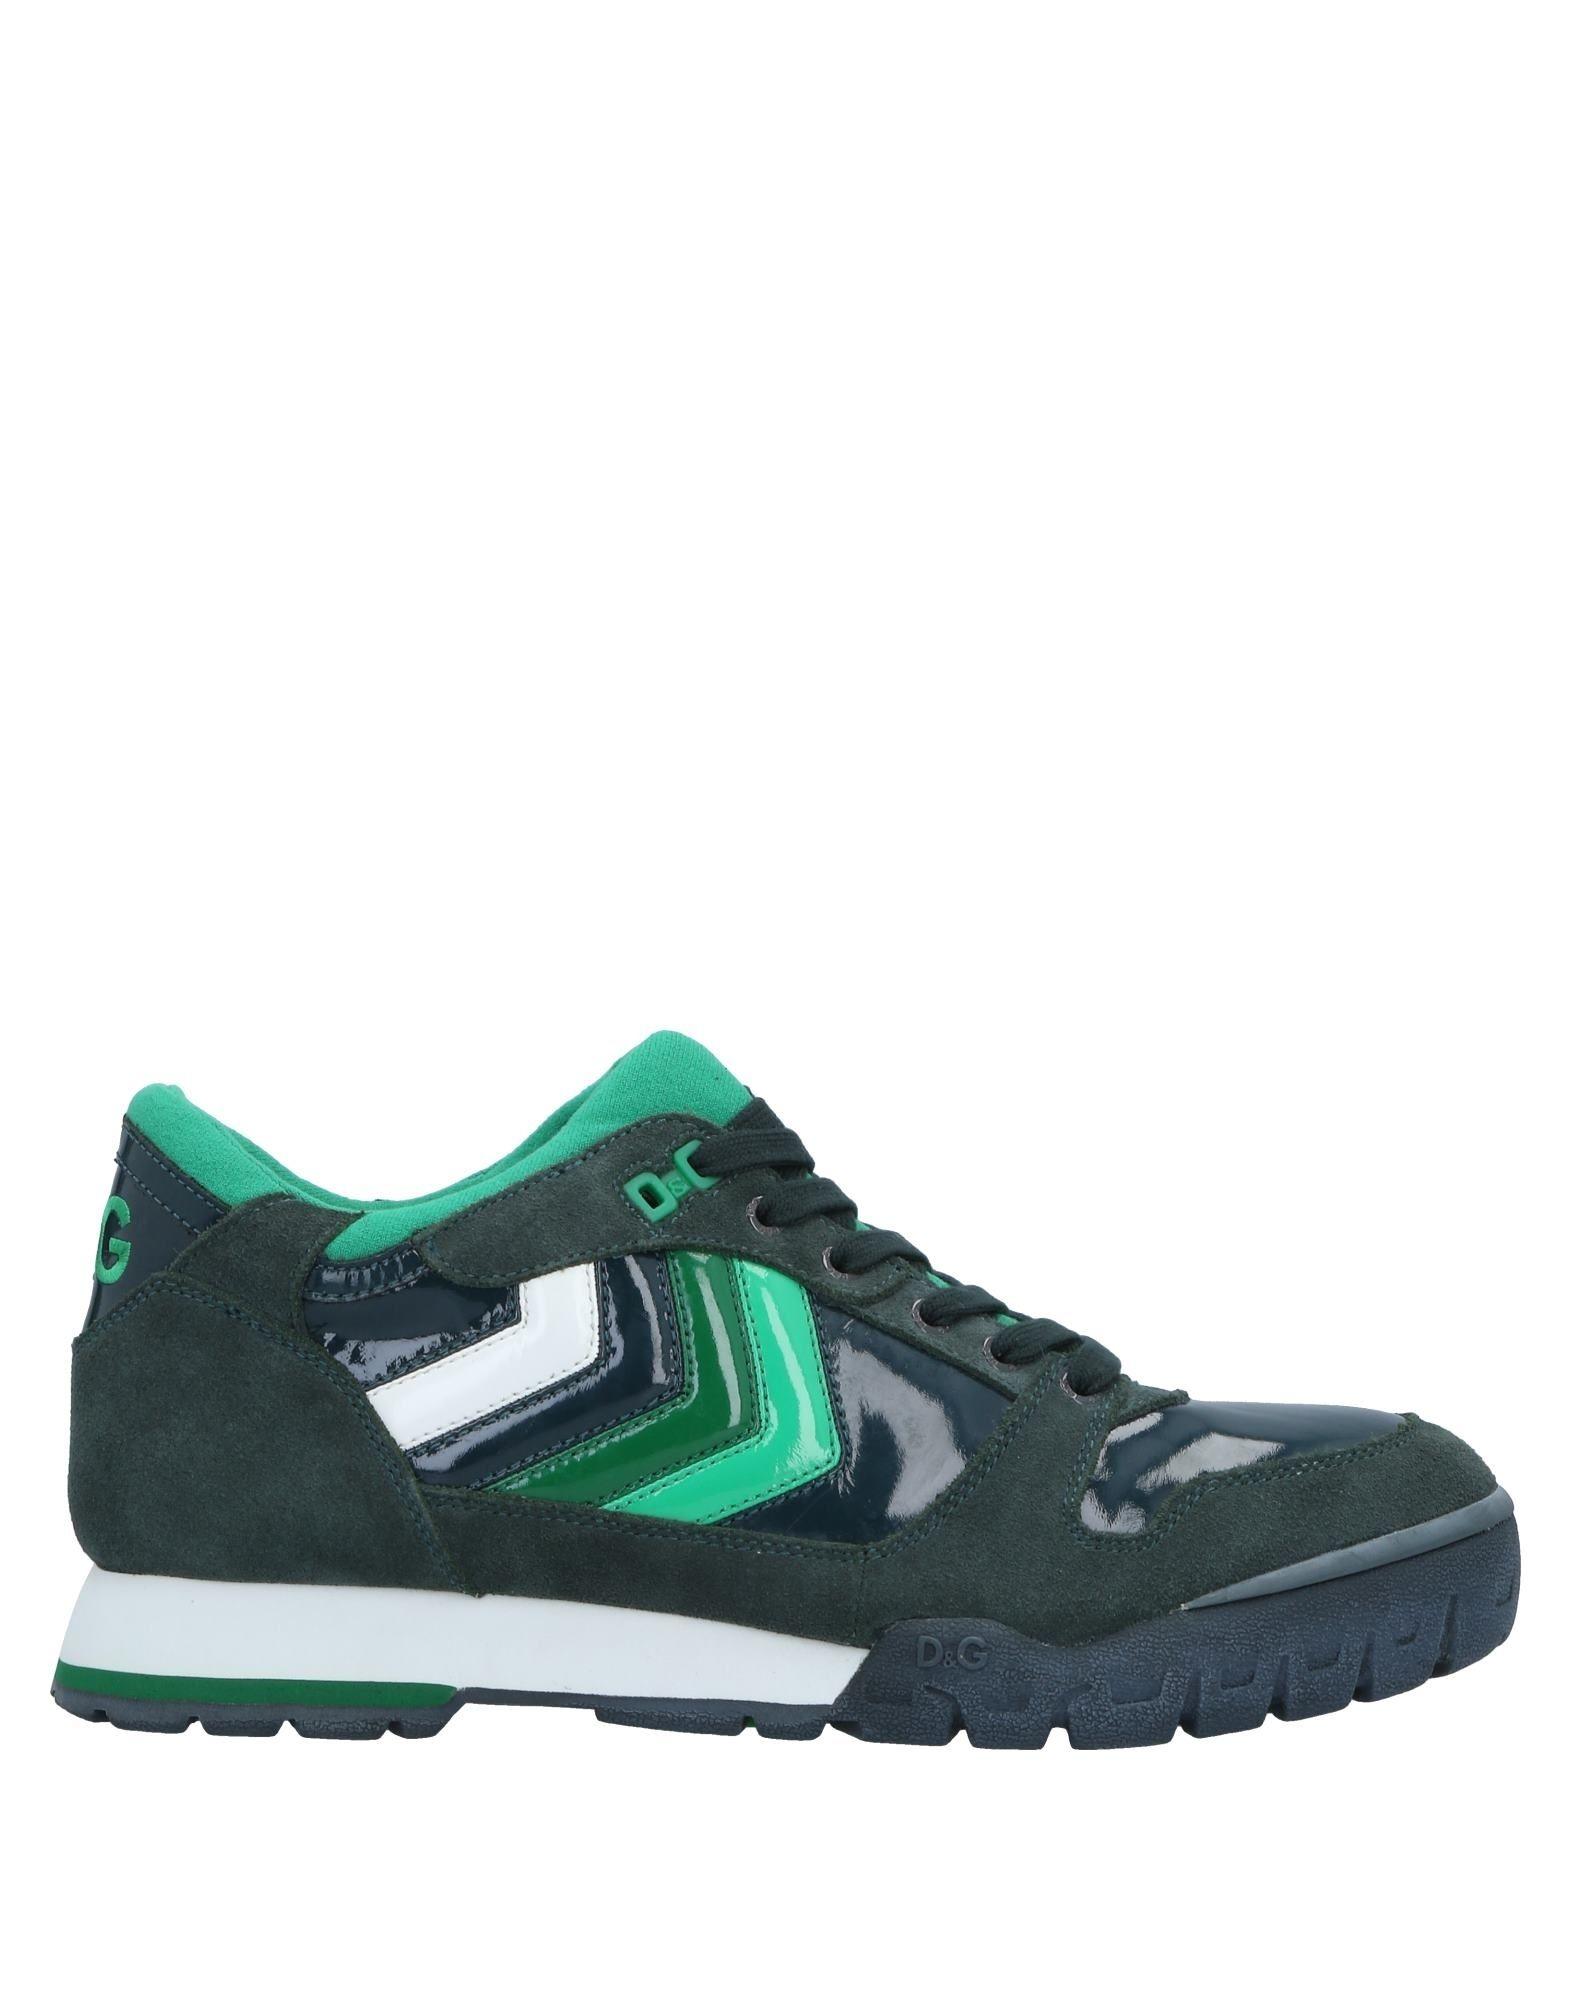 D&G Sneakers Herren  11533304IP Gute Qualität beliebte Schuhe